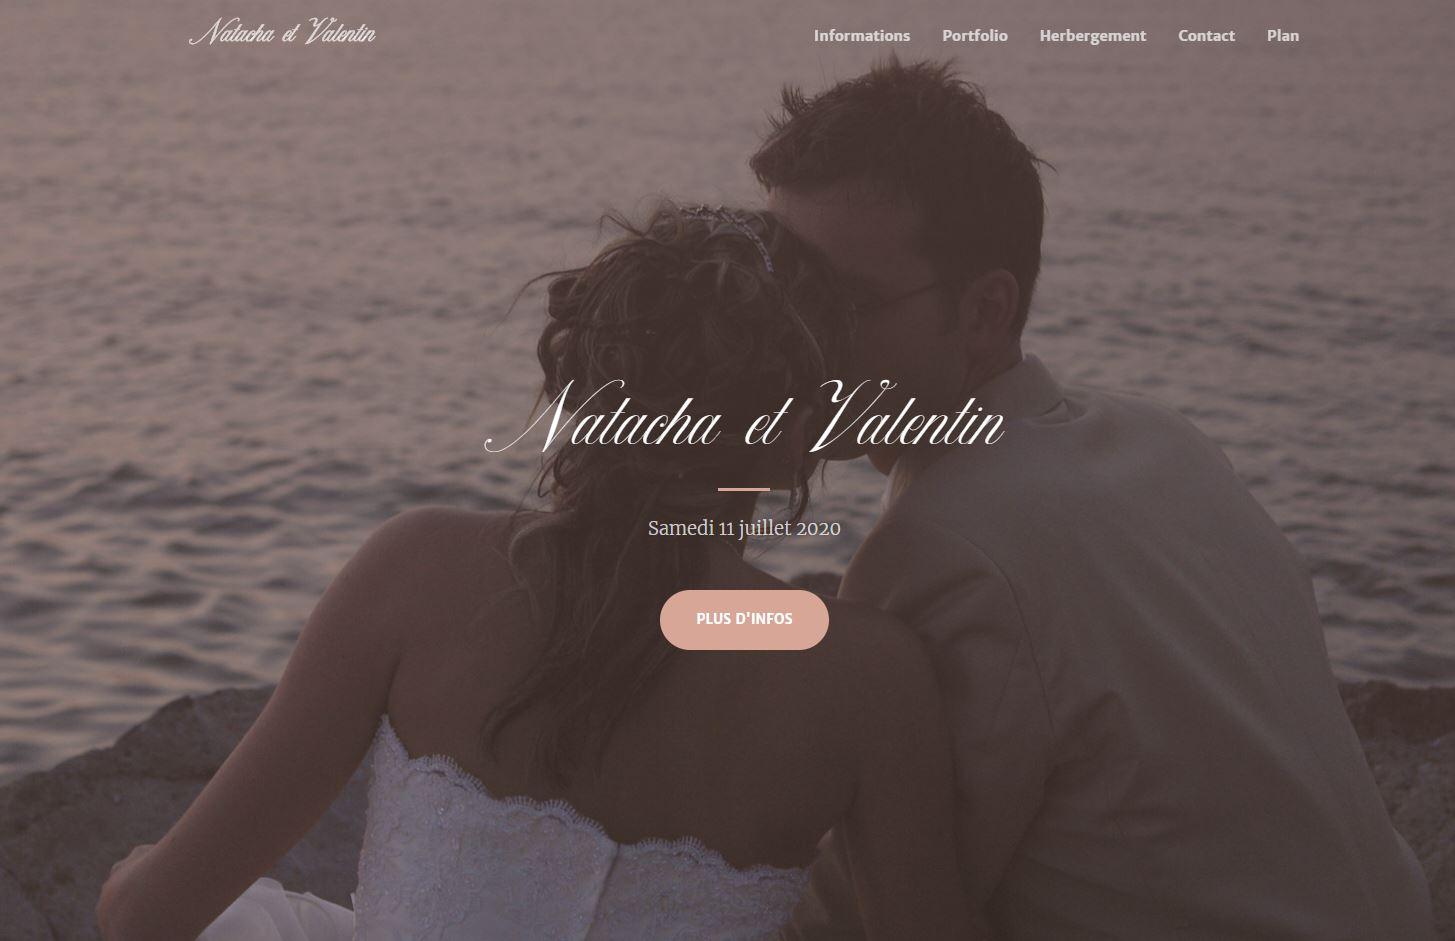 pascale-simonnet.fr - Accueil site Faire-part de mariage